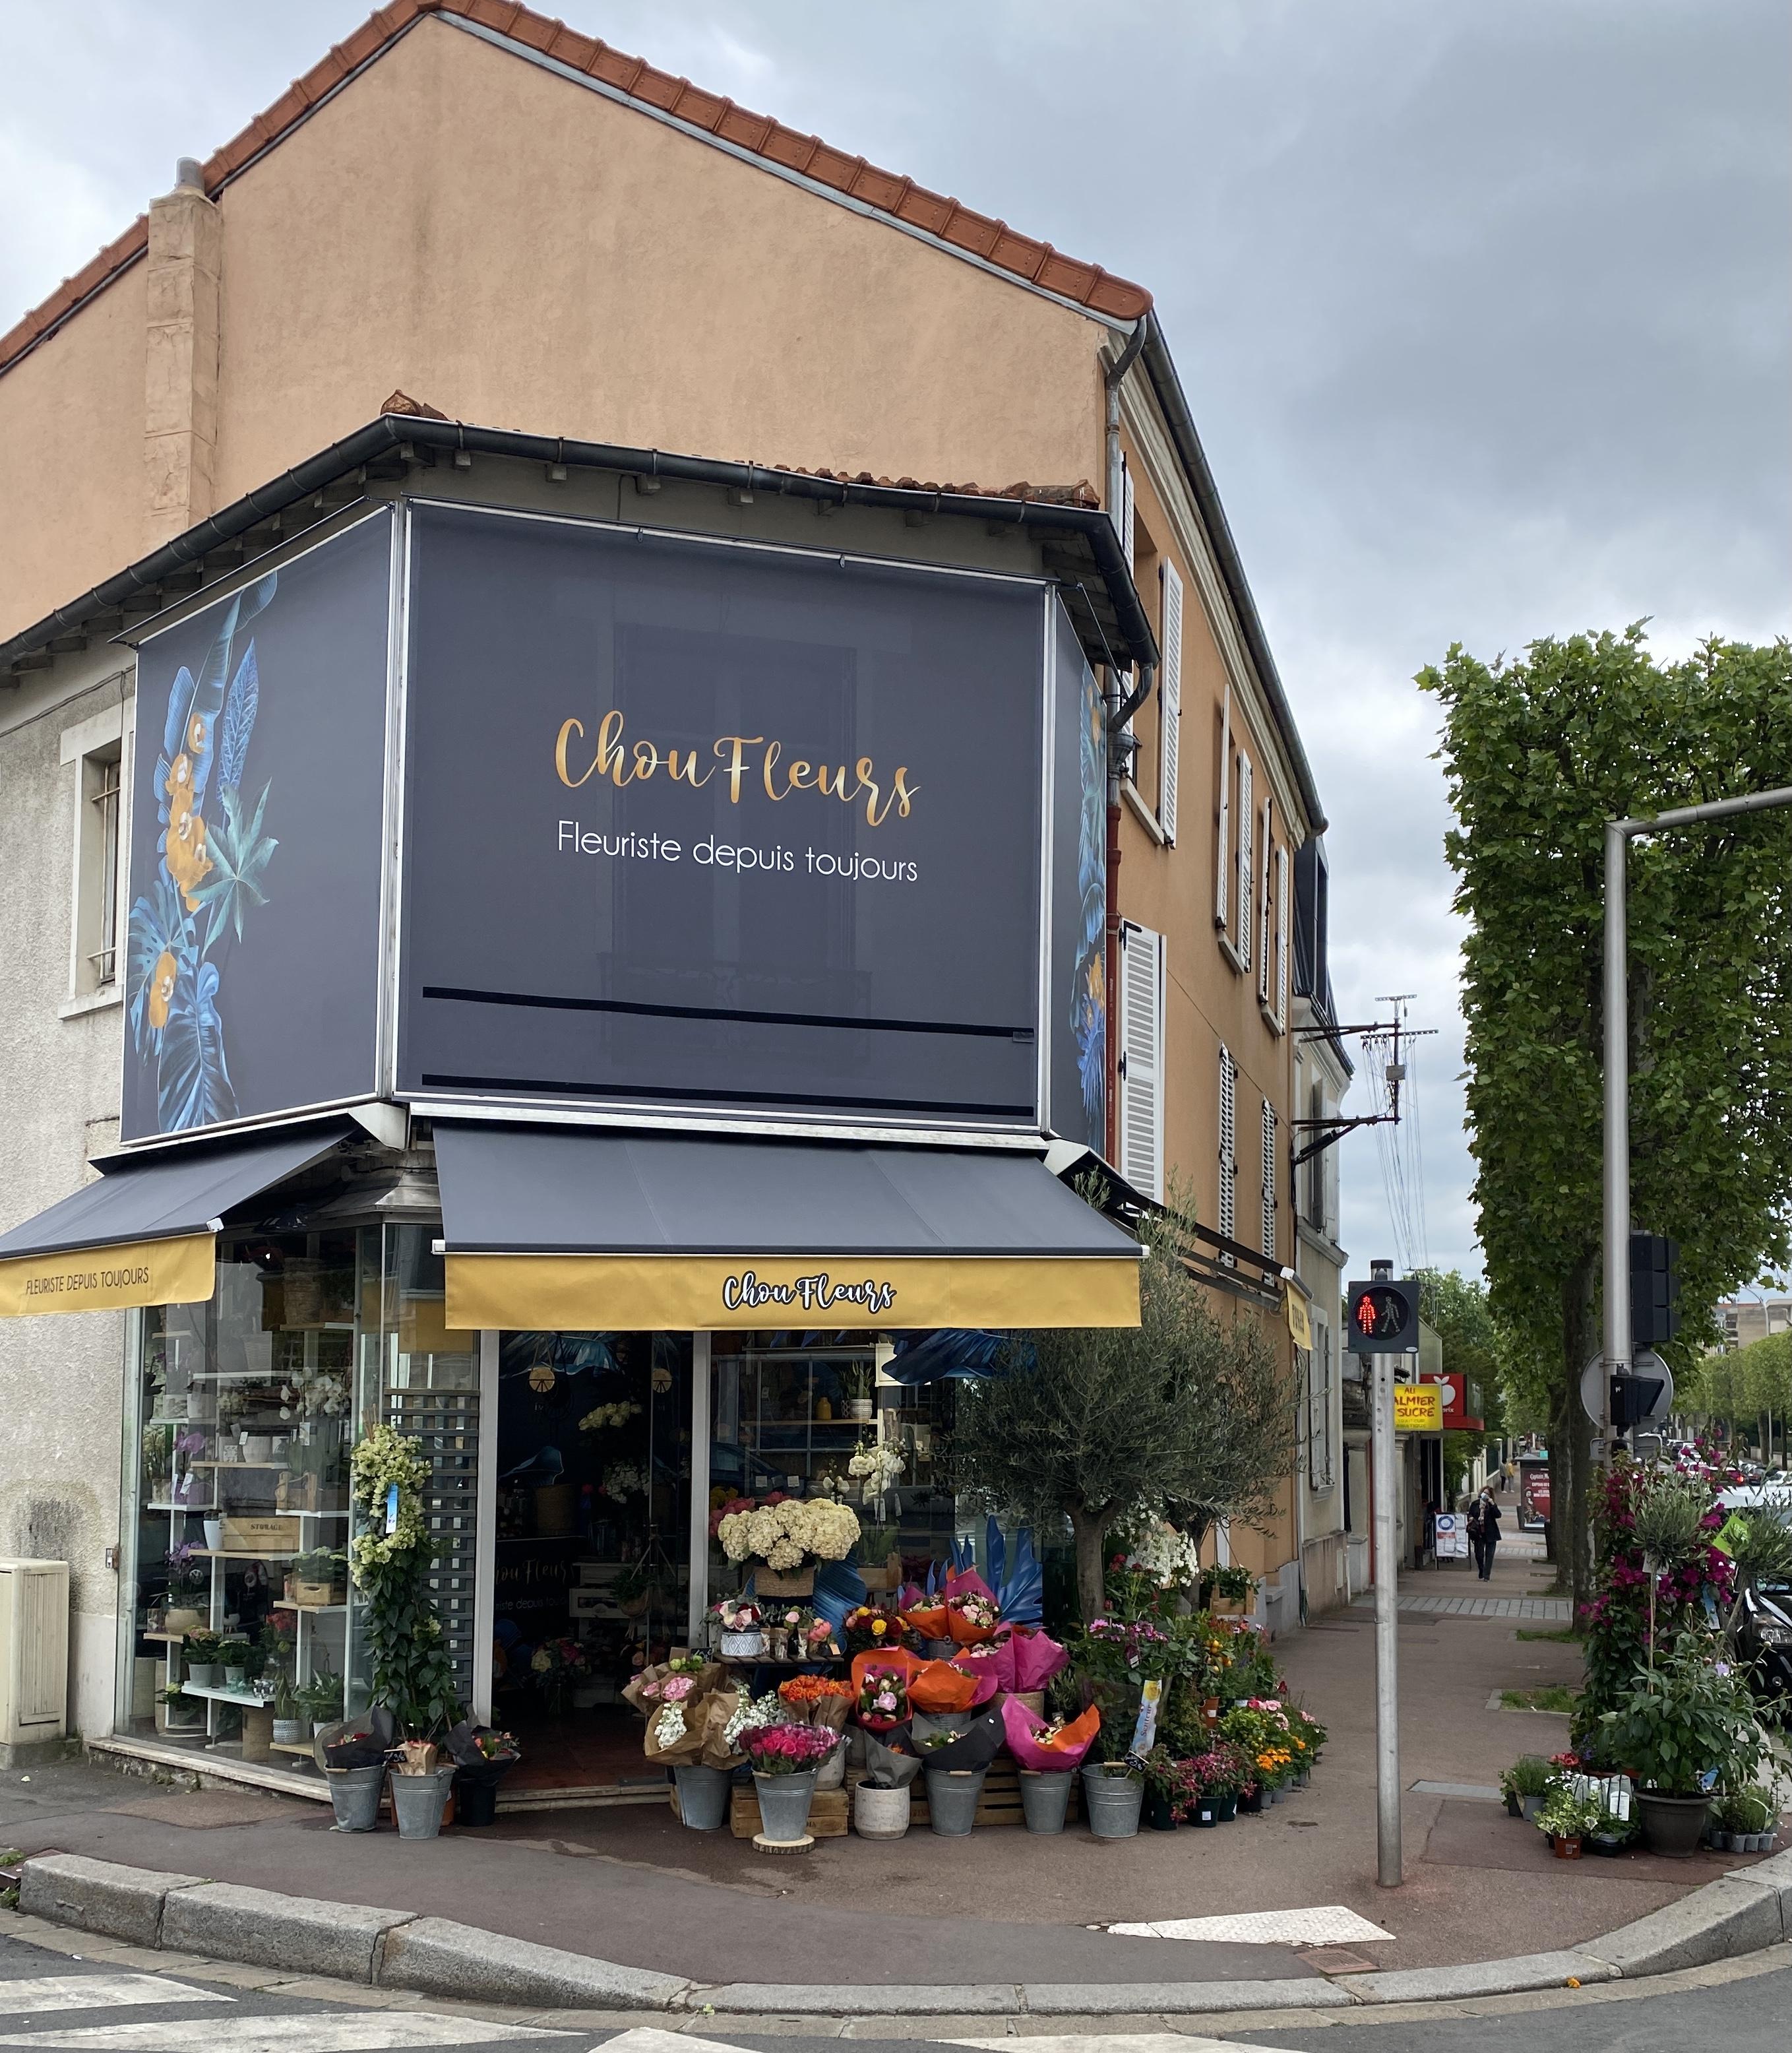 Boutique Choufleurs ouverte avec étalage de fleurs